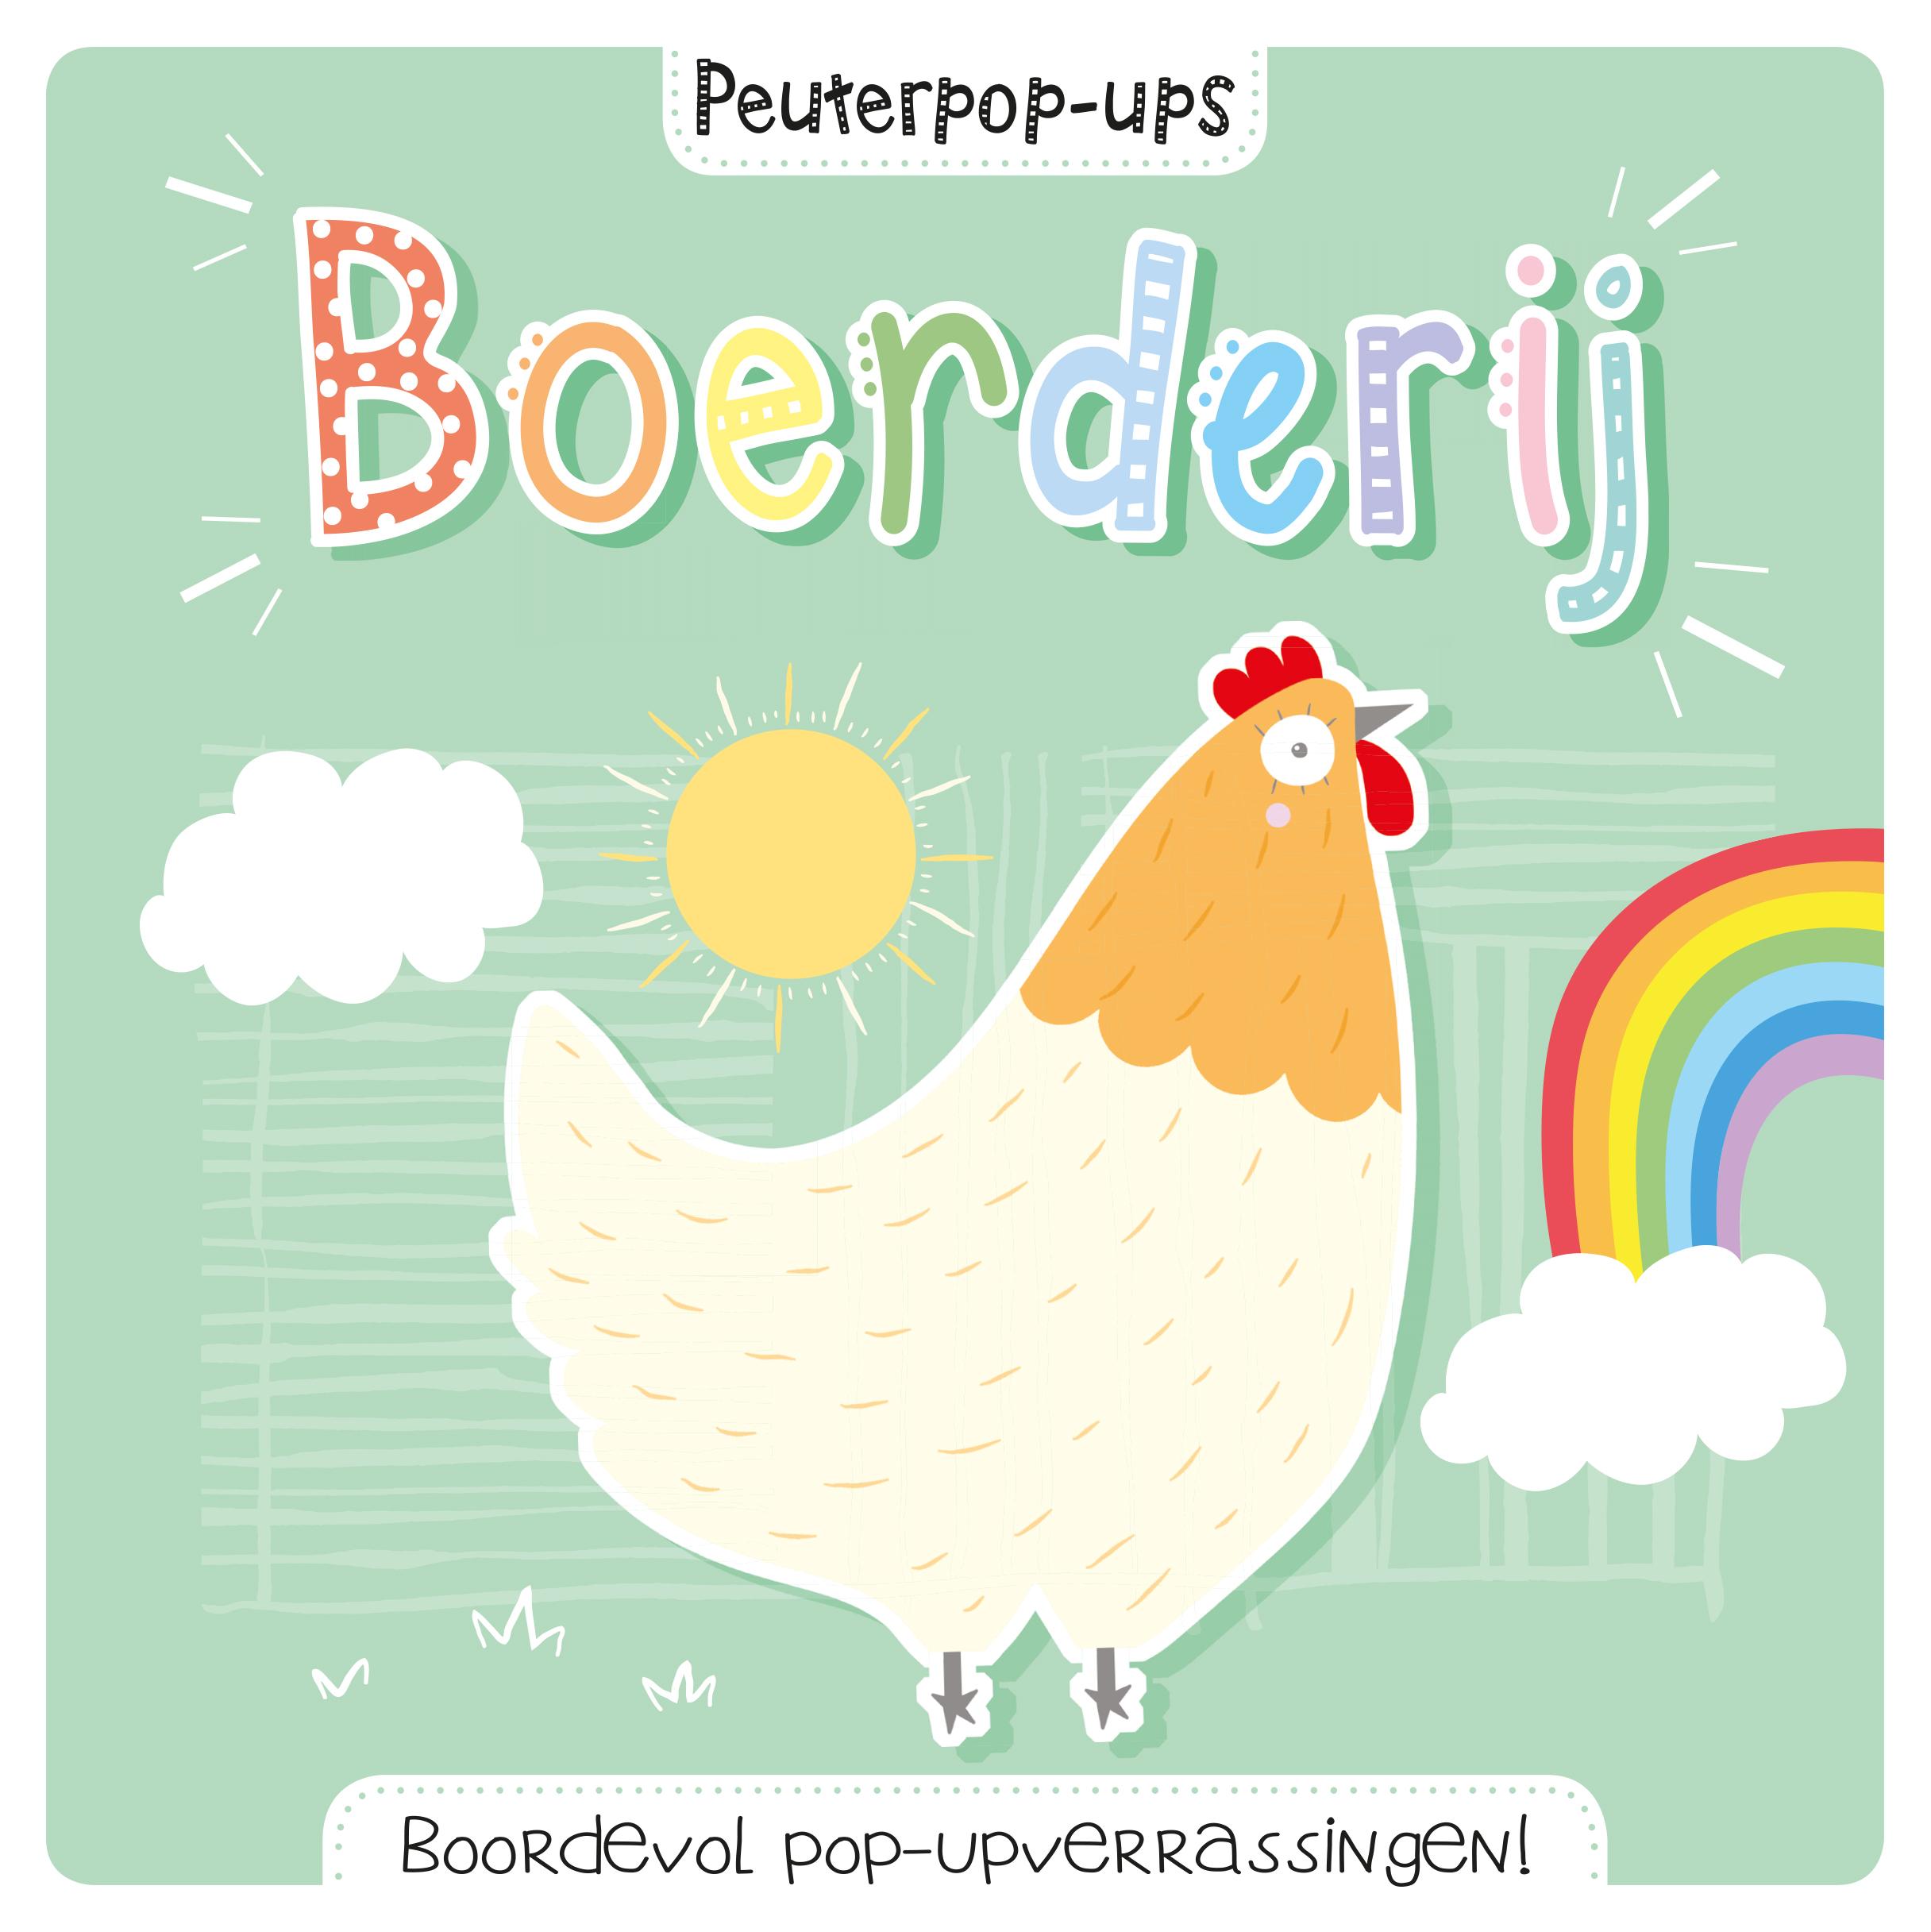 Boerderij - peuterpop-ups